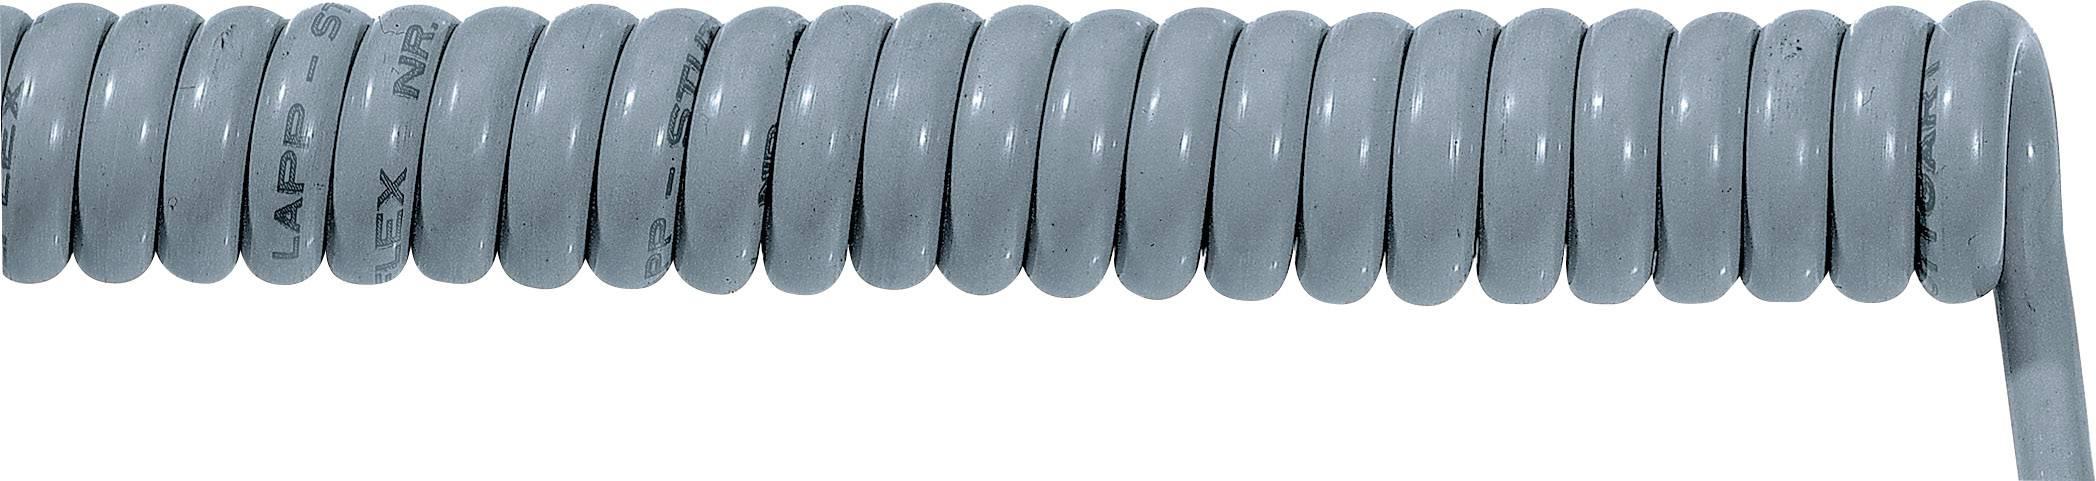 Špirálový kábel 70002646 ÖLFLEX® SPIRAL 400 P 2 x 1 mm², 500 mm / 1500 mm, sivá